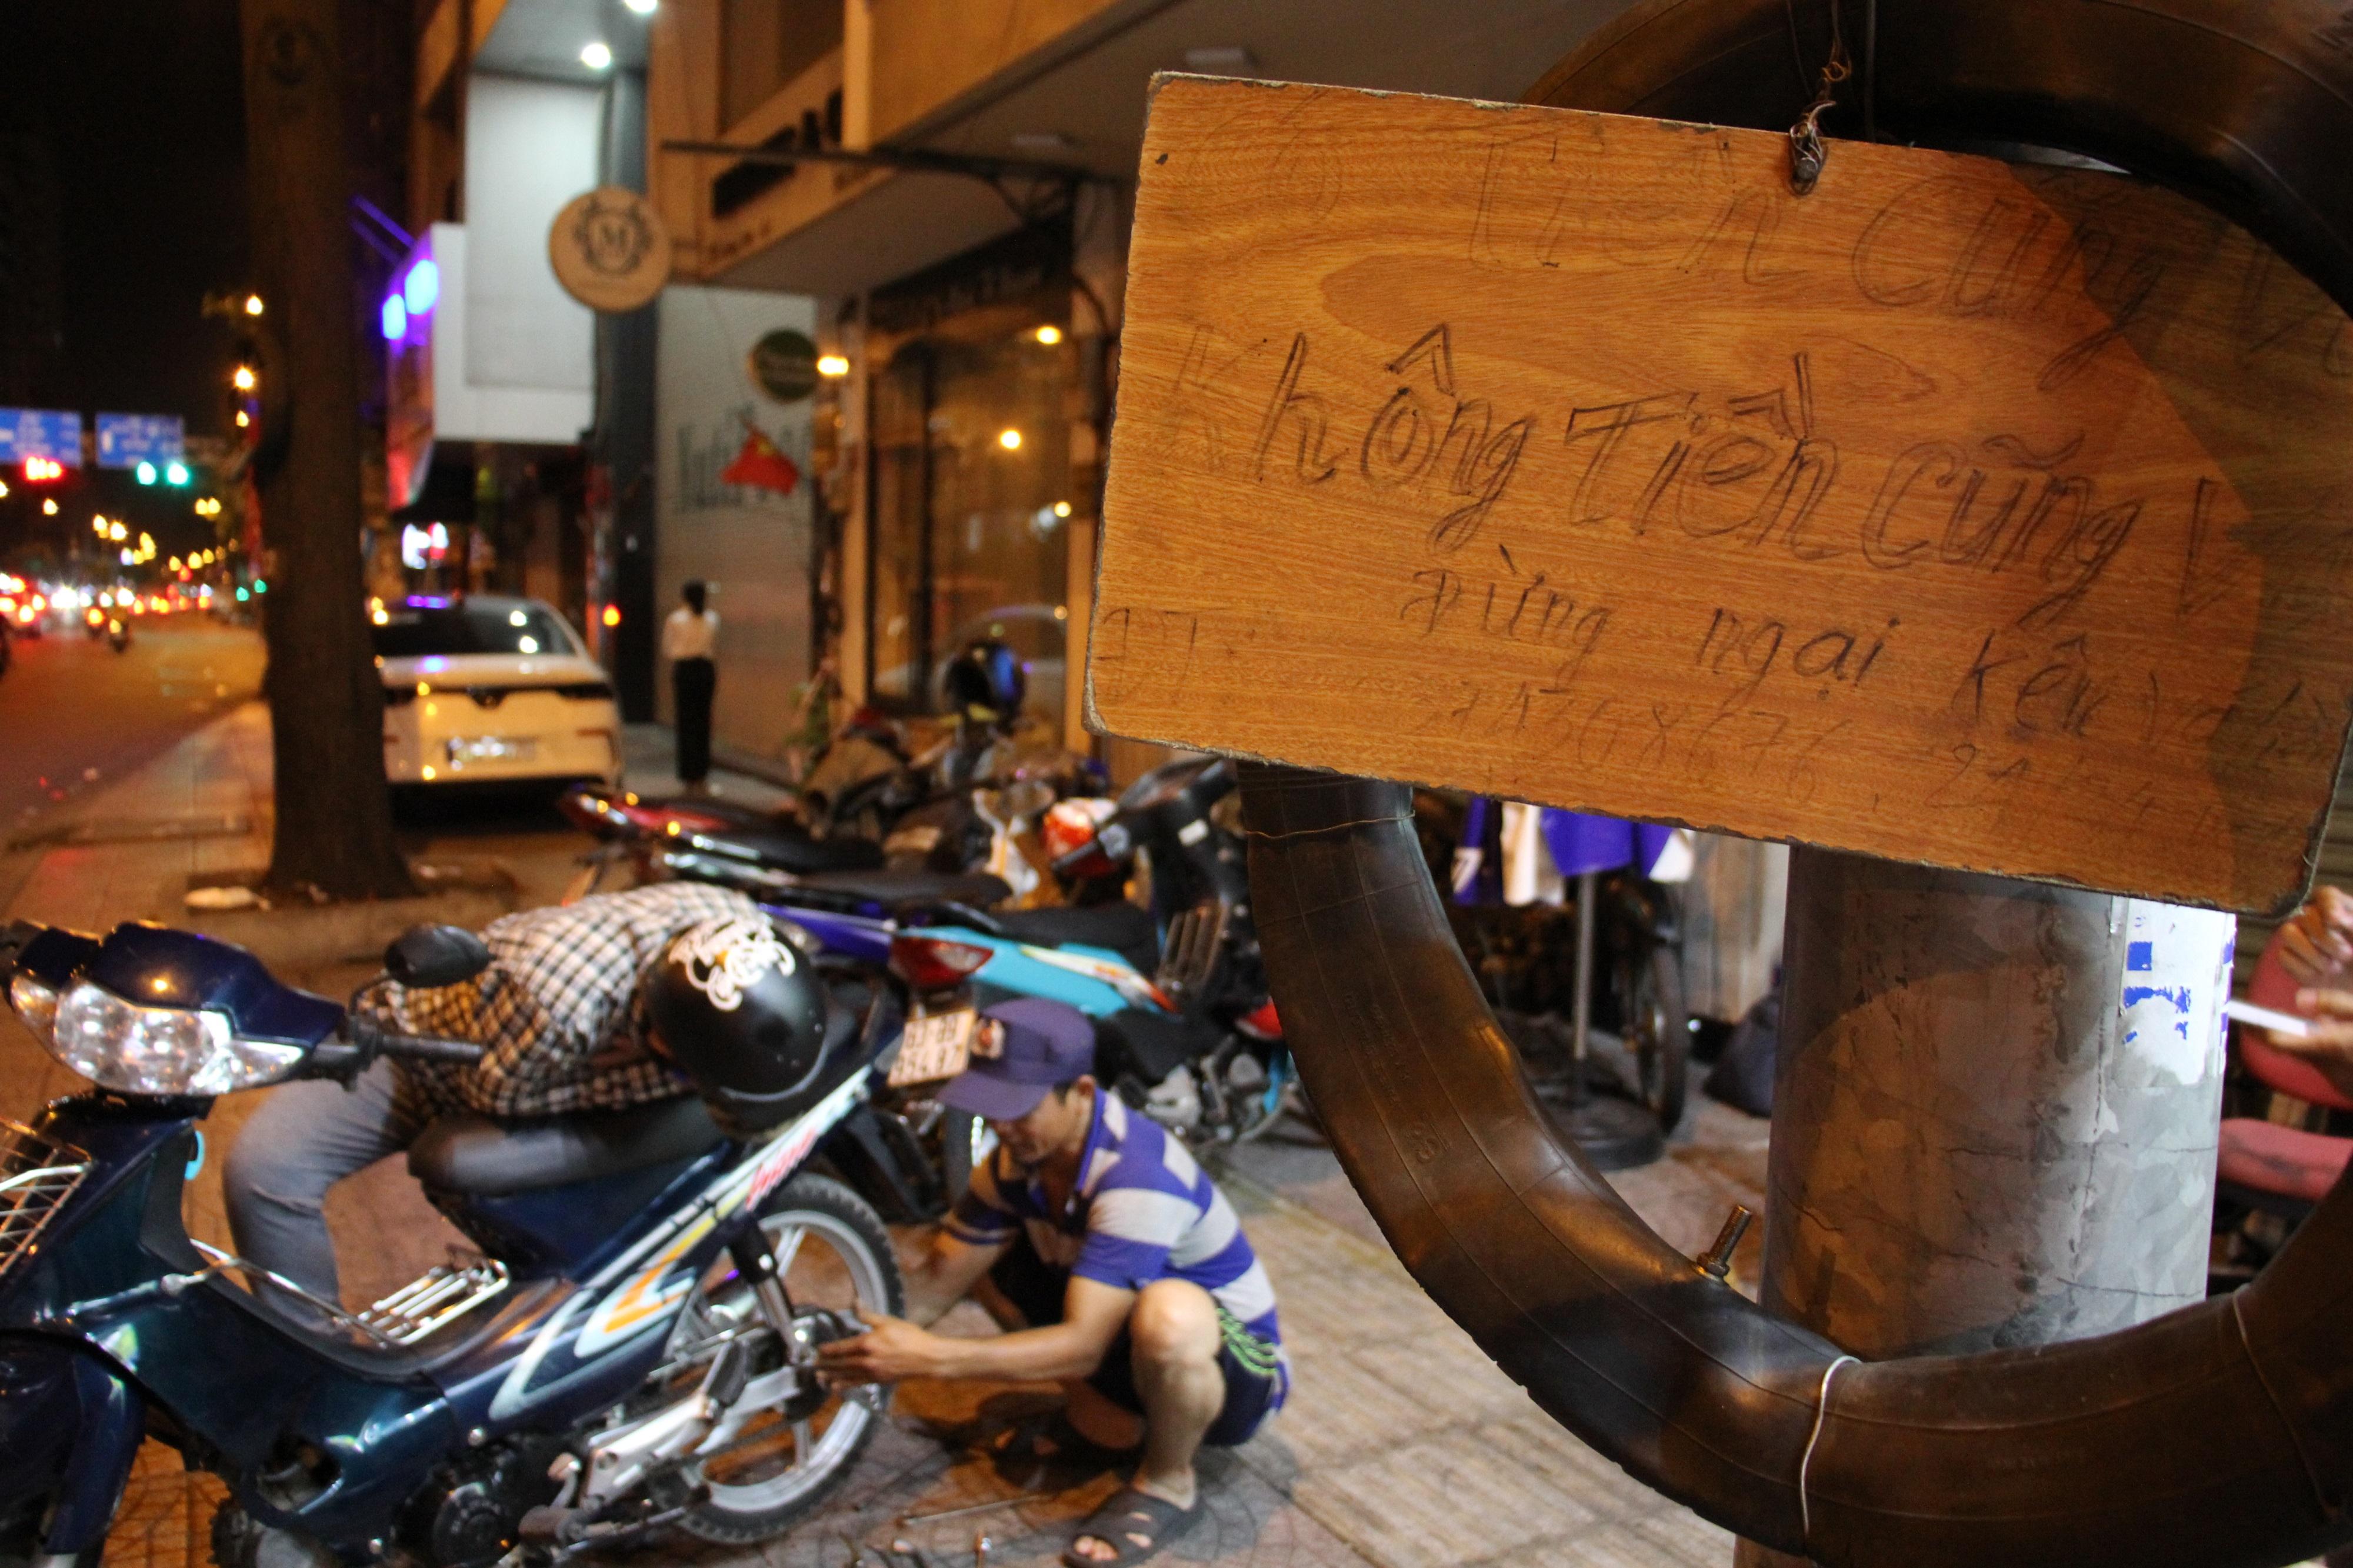 """Anh Nguyễn Văn Hiếu với tấm bảng """"không tiền cũng vá, đừng ngại"""" tại quận 4, TP HCM"""